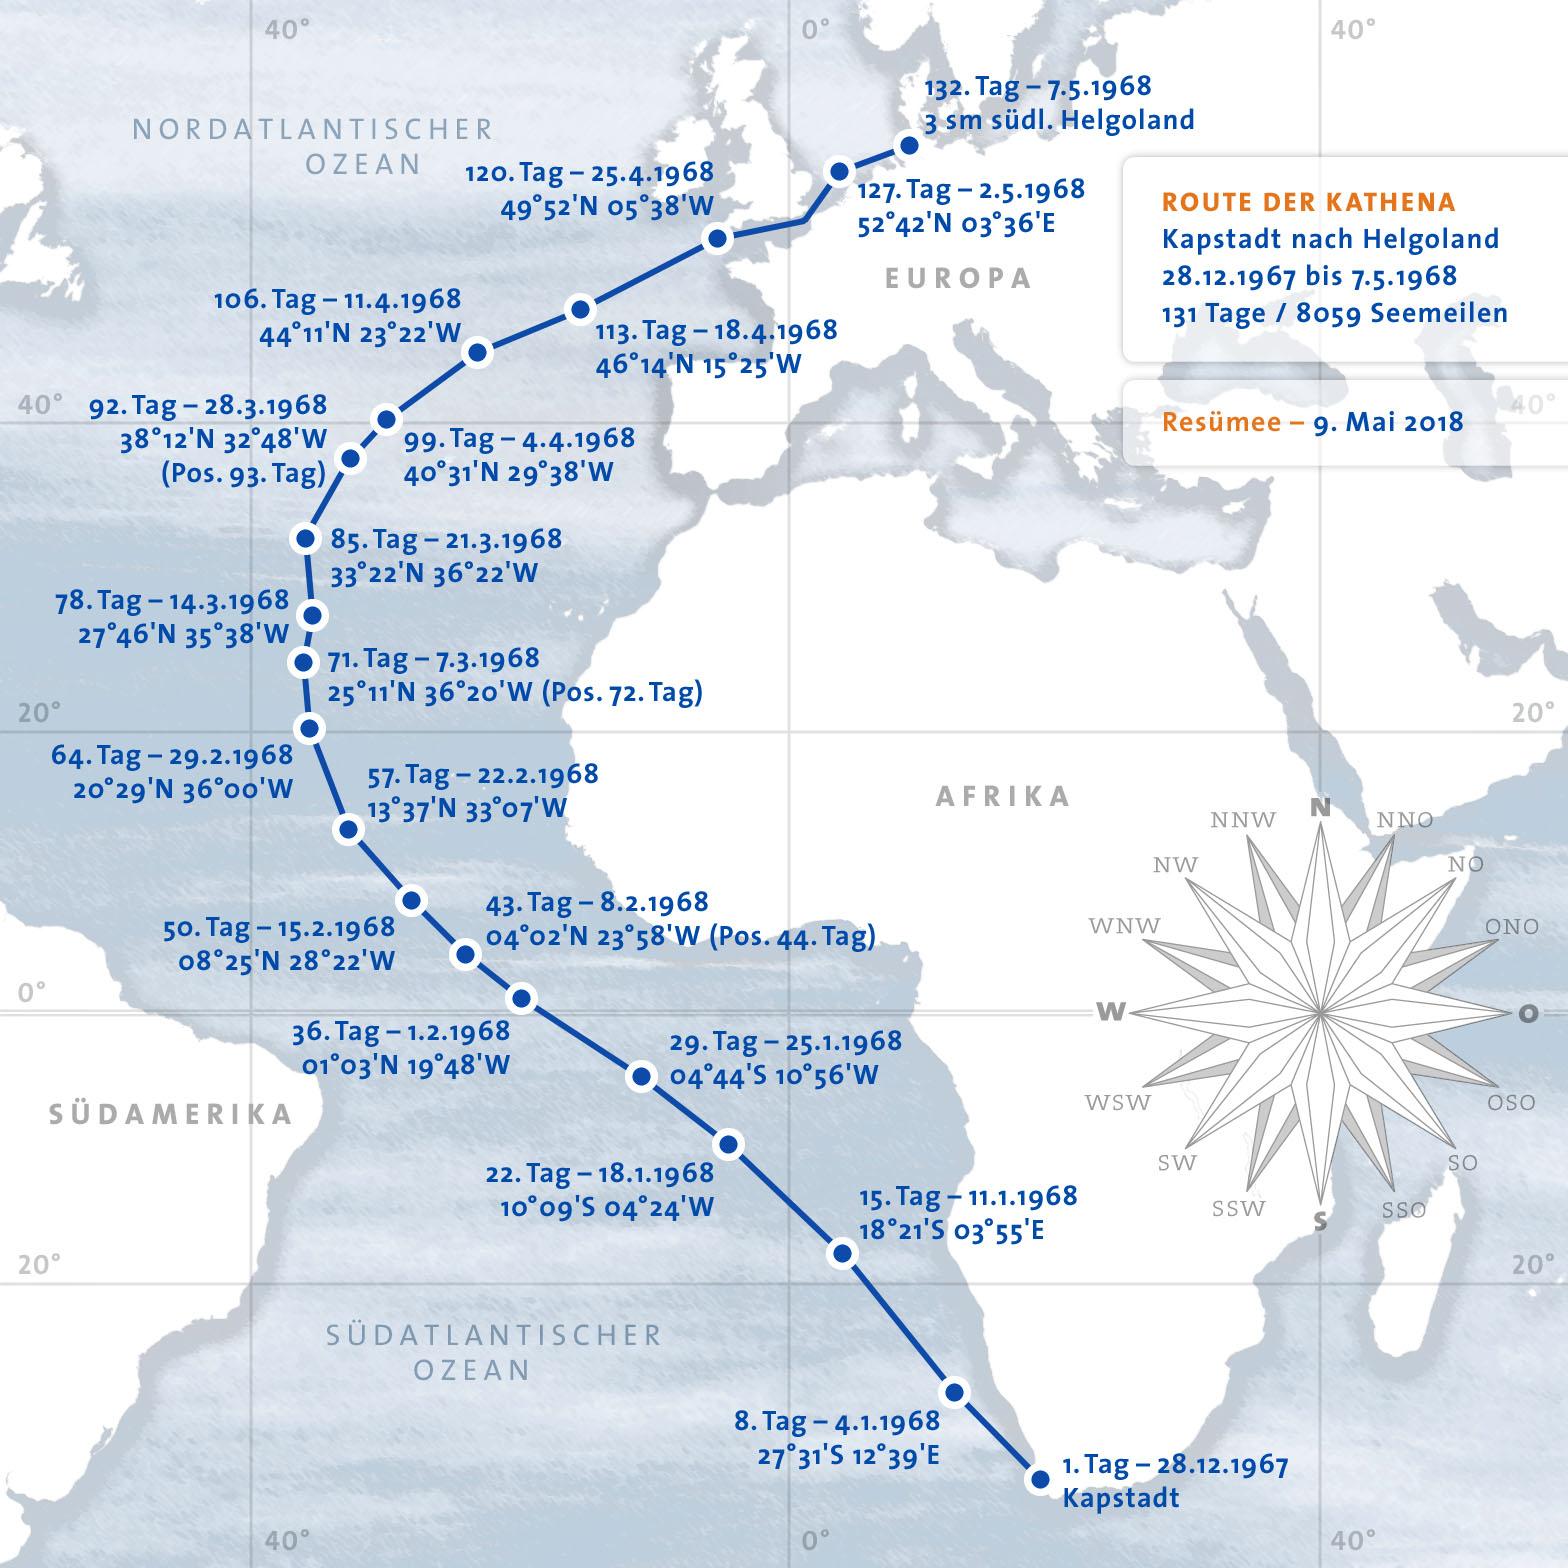 Erde Karte Rund.Weltumsegler Wilfried Erdmann Segeltörns Meine Erde Ist Rund